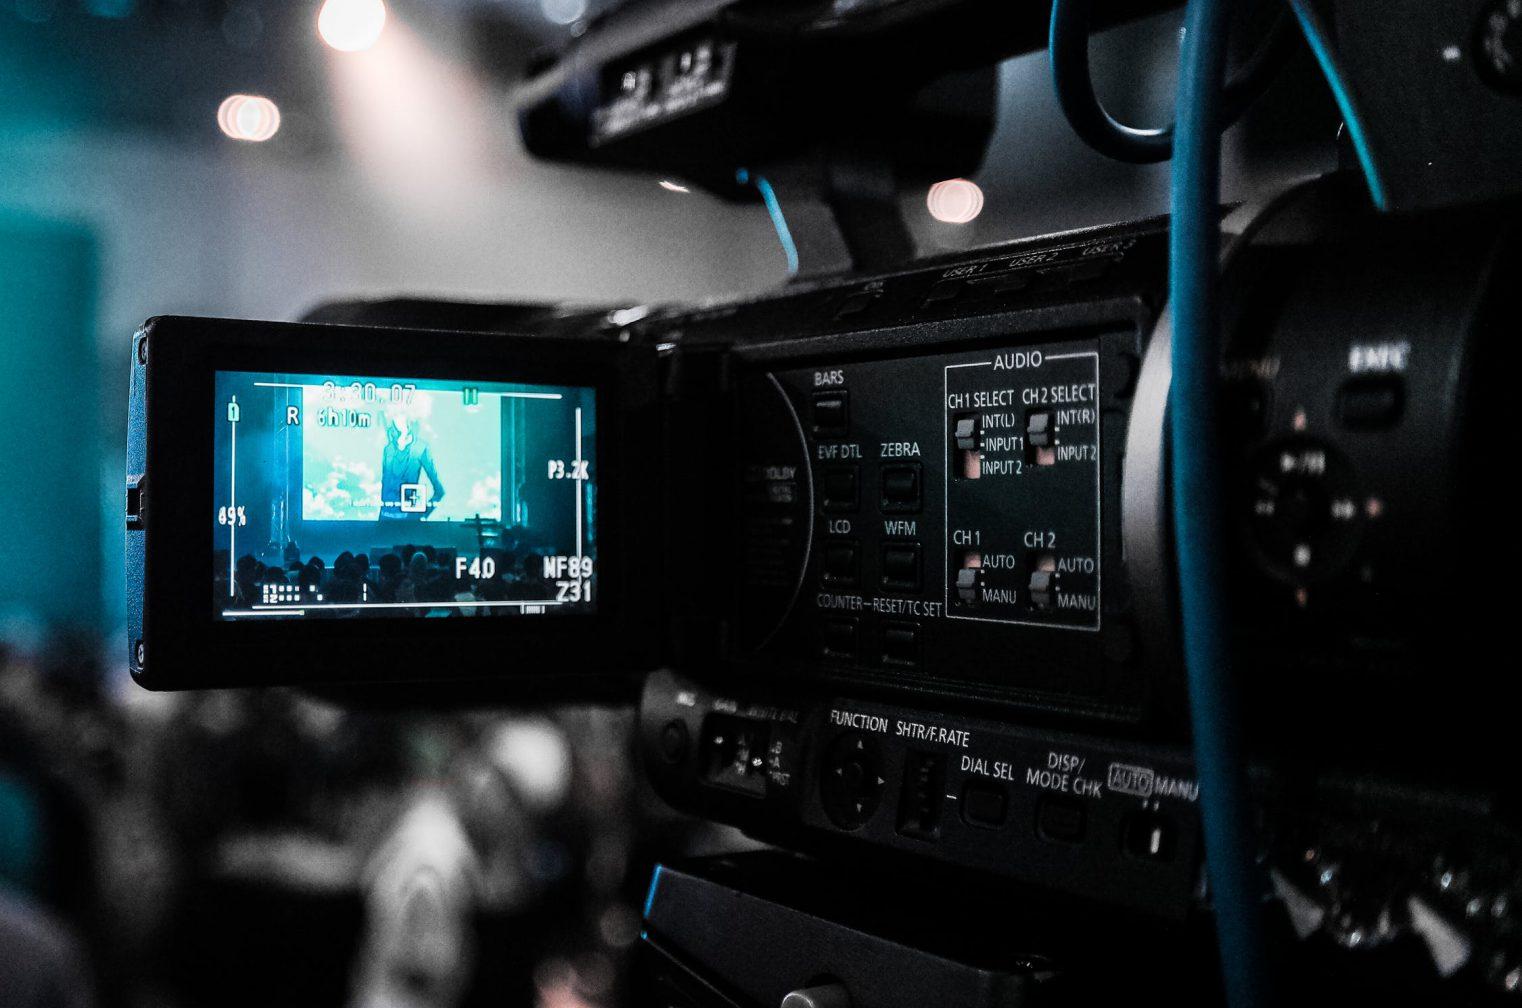 クリエイターに大人気「Vimeo」とは? YouTubeとはここが違う